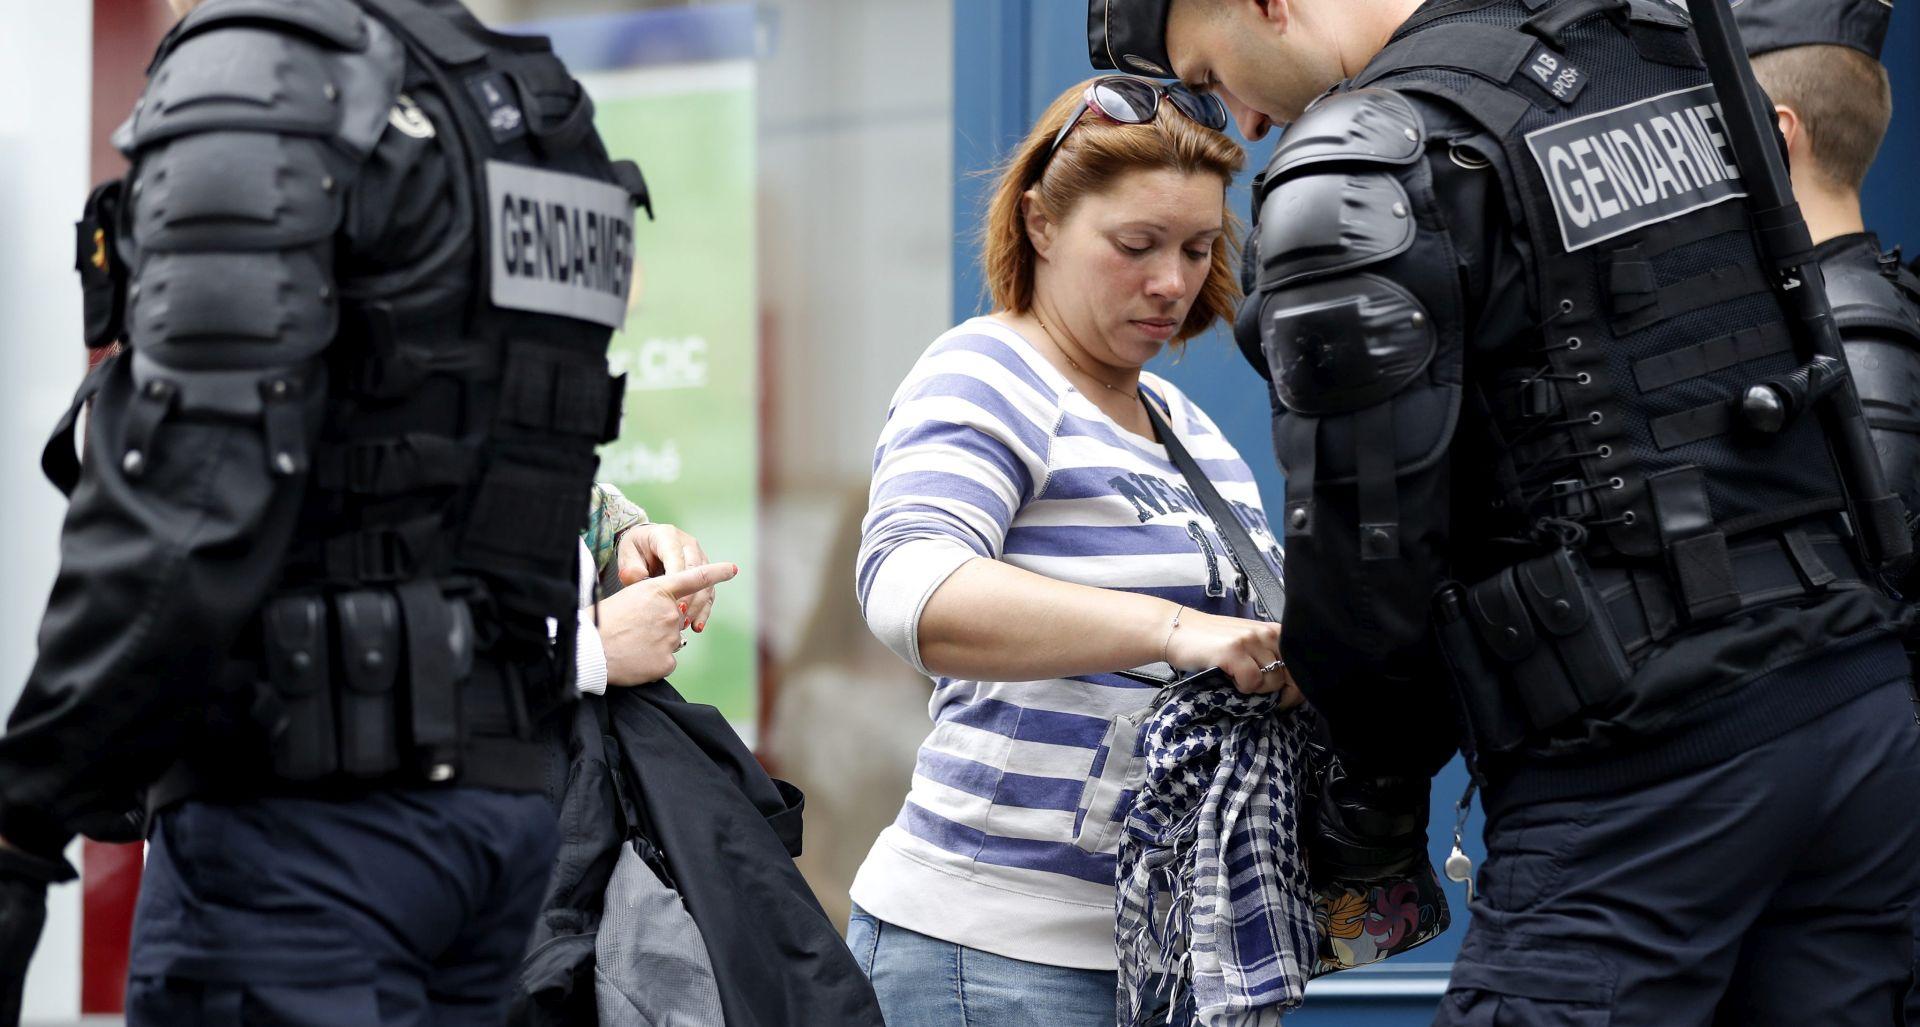 SAMO NEKOLIKO SATI PRIJE UTAKMICE Panika u Parizu, policija izvela kontroliranu eksploziju